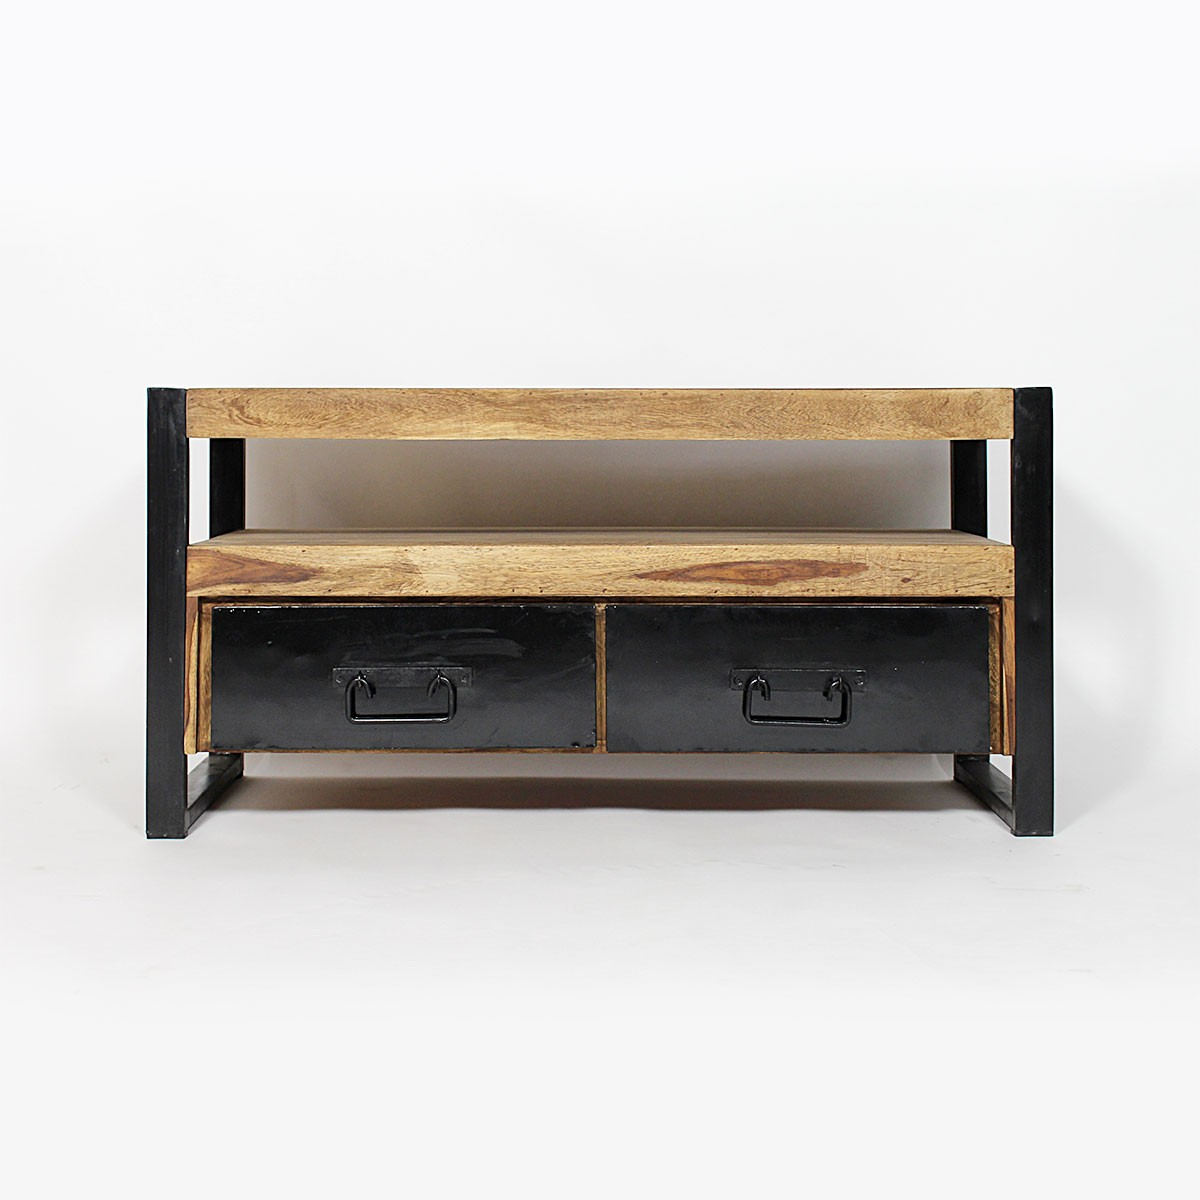 Meuble Tv 90 Cm Bois Maison Et Mobilier D Int Rieur # Meuble Tv Pied Metal